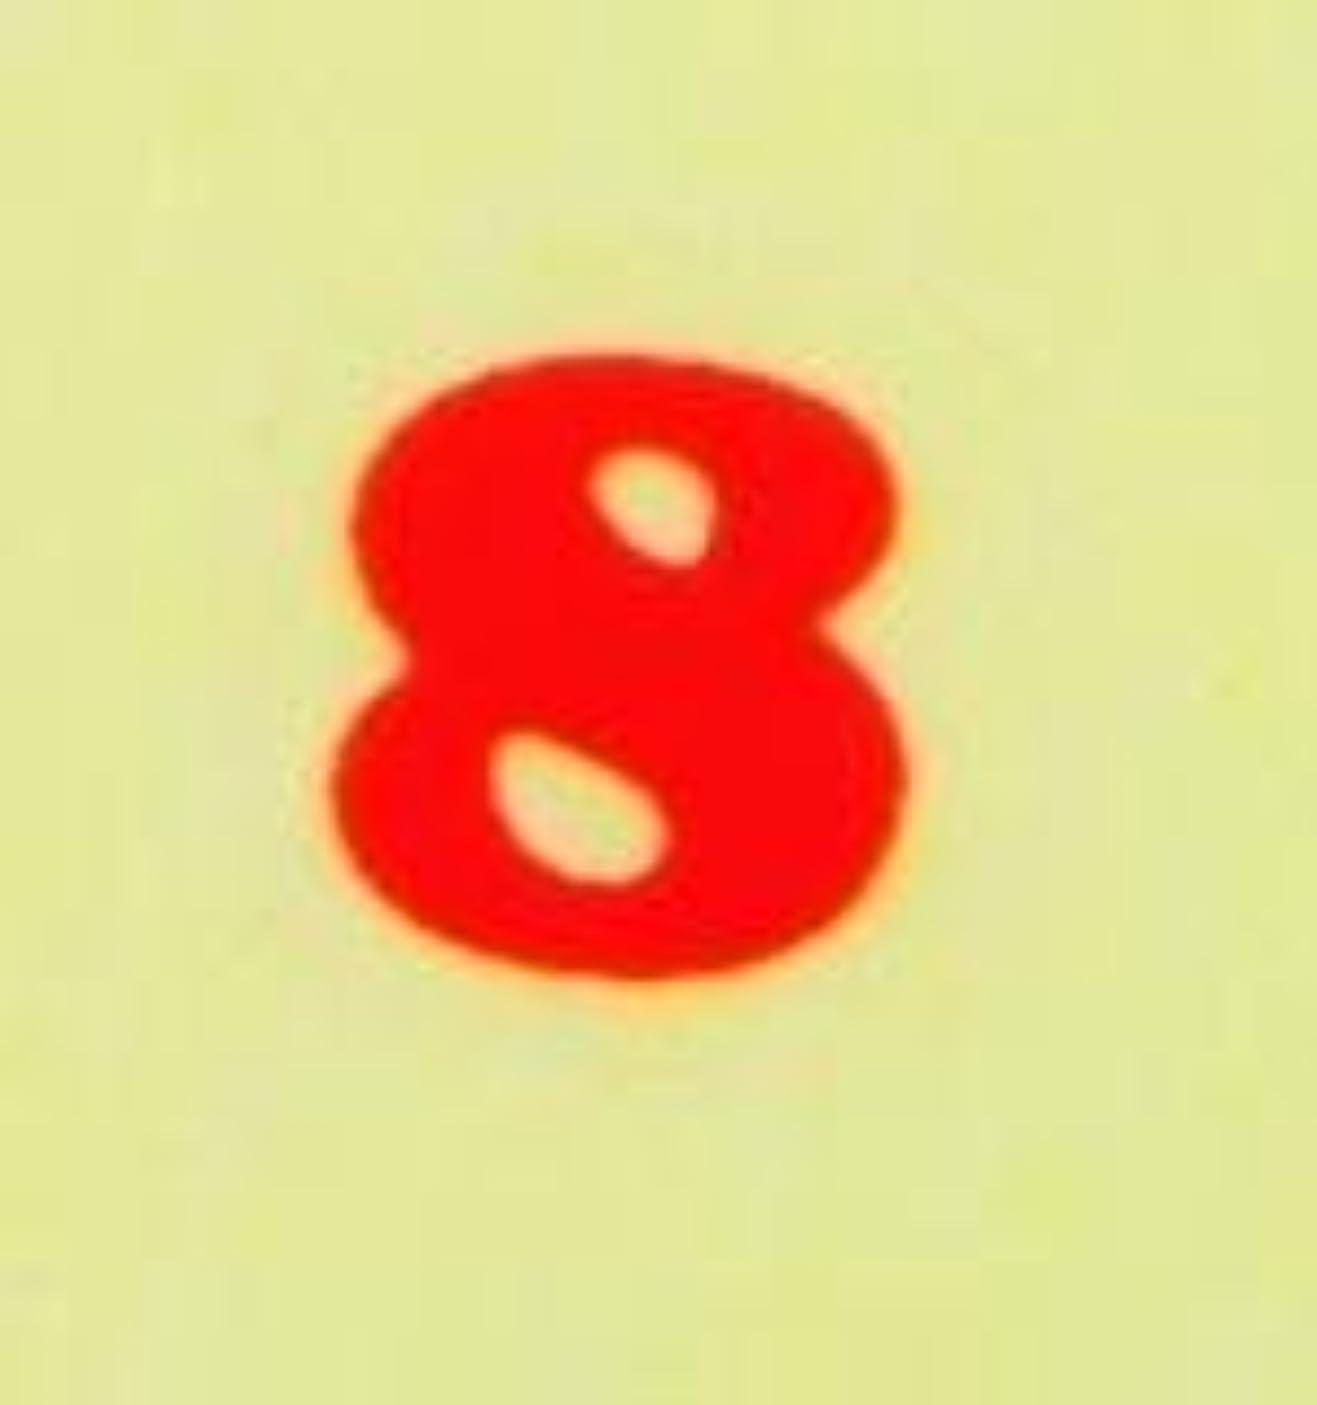 センブランスマインド指【数字ネイルシール】2明朝体8RD/各1シート9枚入